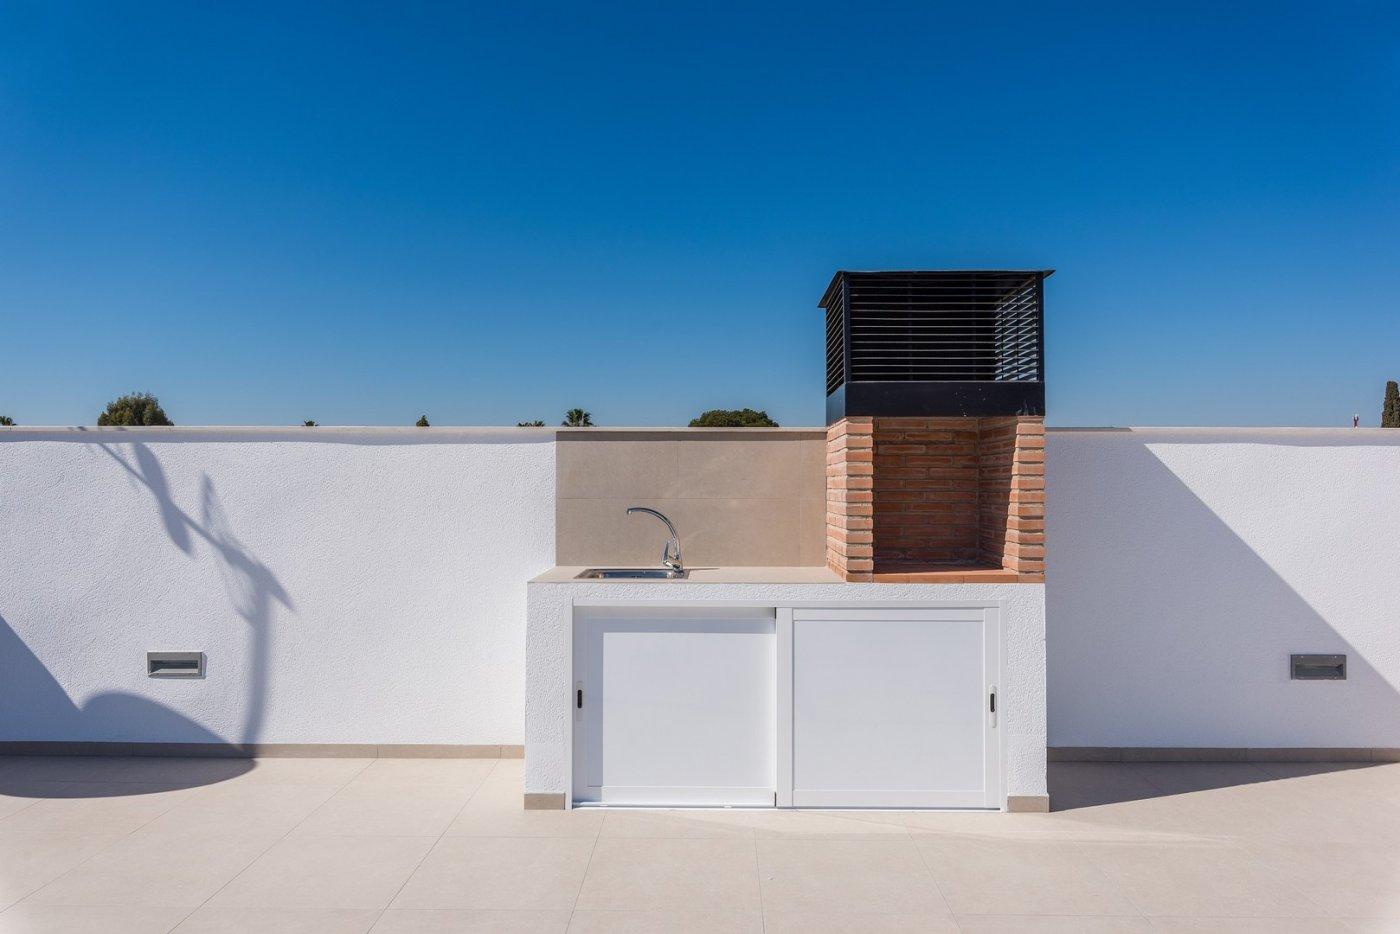 Villas nuevas con piscina privada y solarium a 700m de la playa !!! - imagenInmueble3